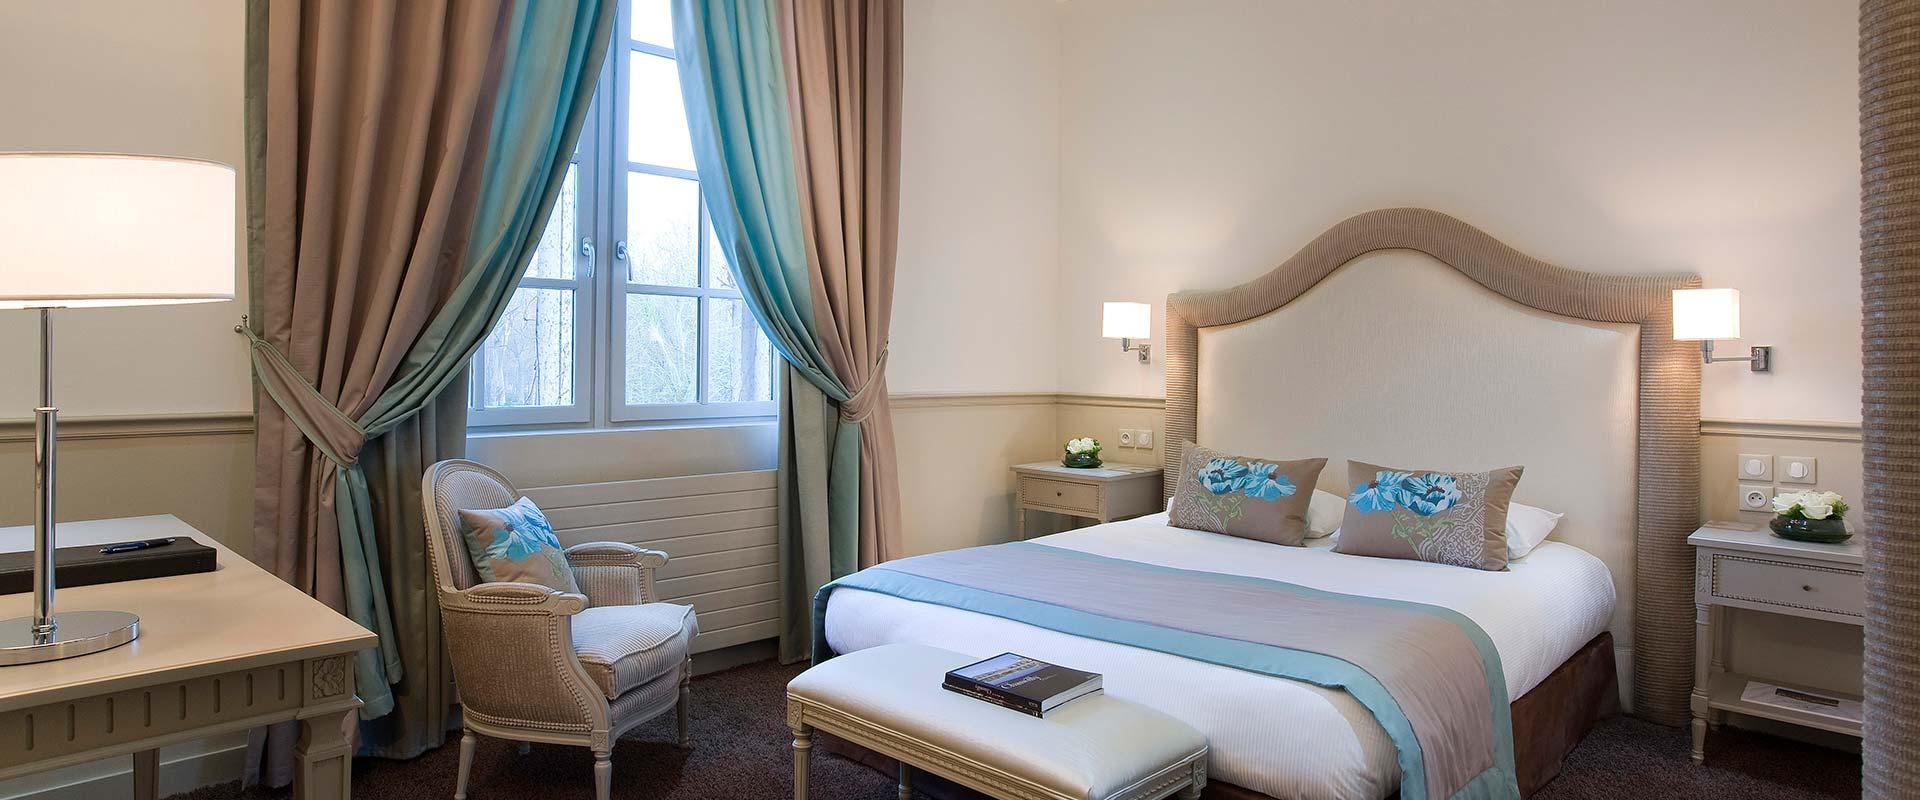 Chambres Chantilly weekend romantique proche de Paris